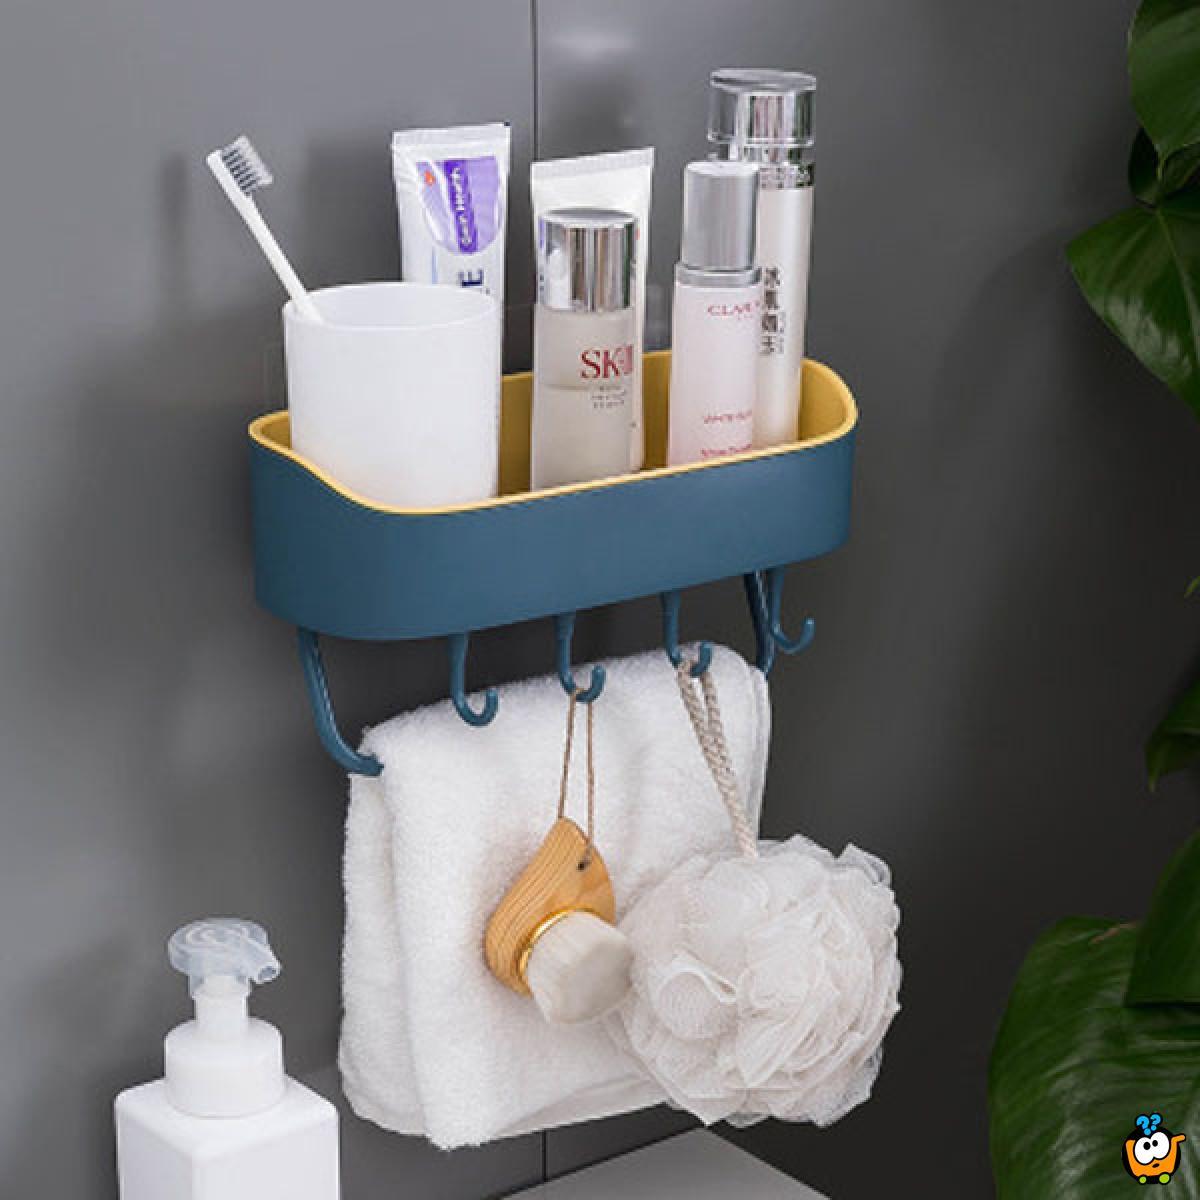 Višenamenska kupatilska polica sa kukicama